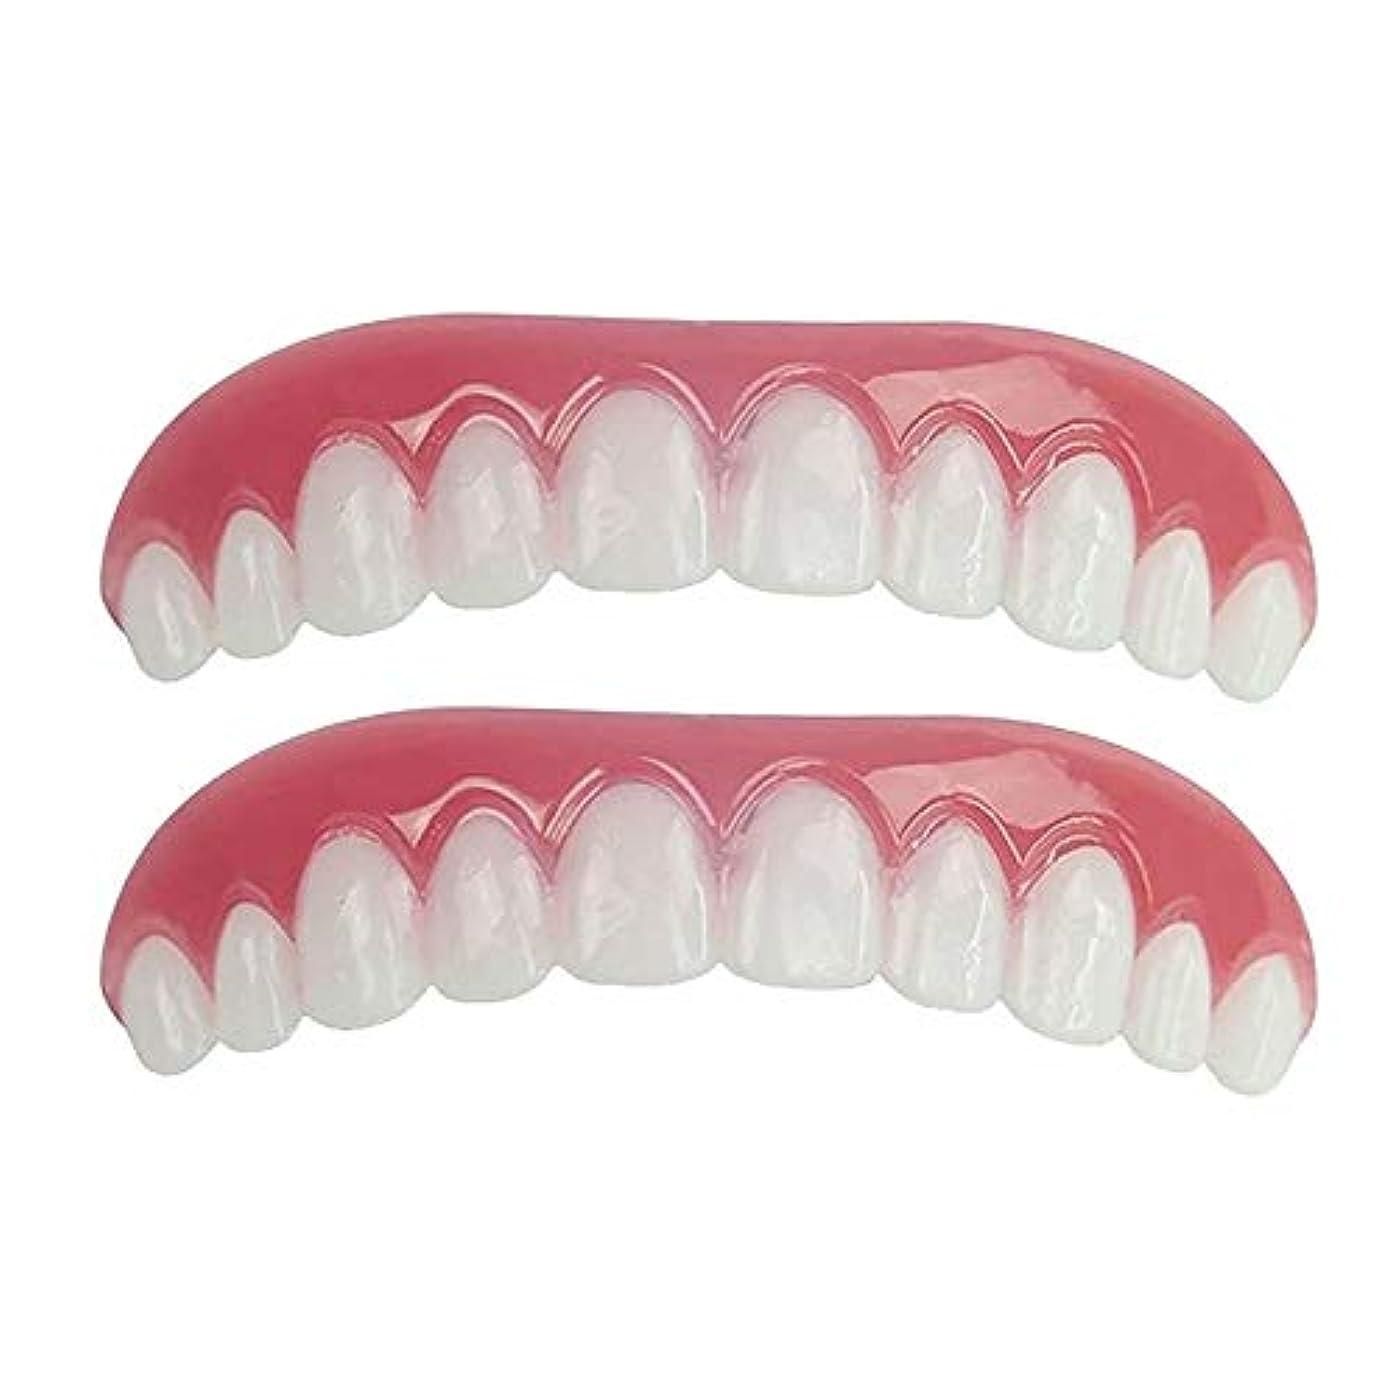 作成するお風呂を持っているスラダムシリコーンシミュレーション上下歯ブレース、ホワイトニング義歯(1セット),A